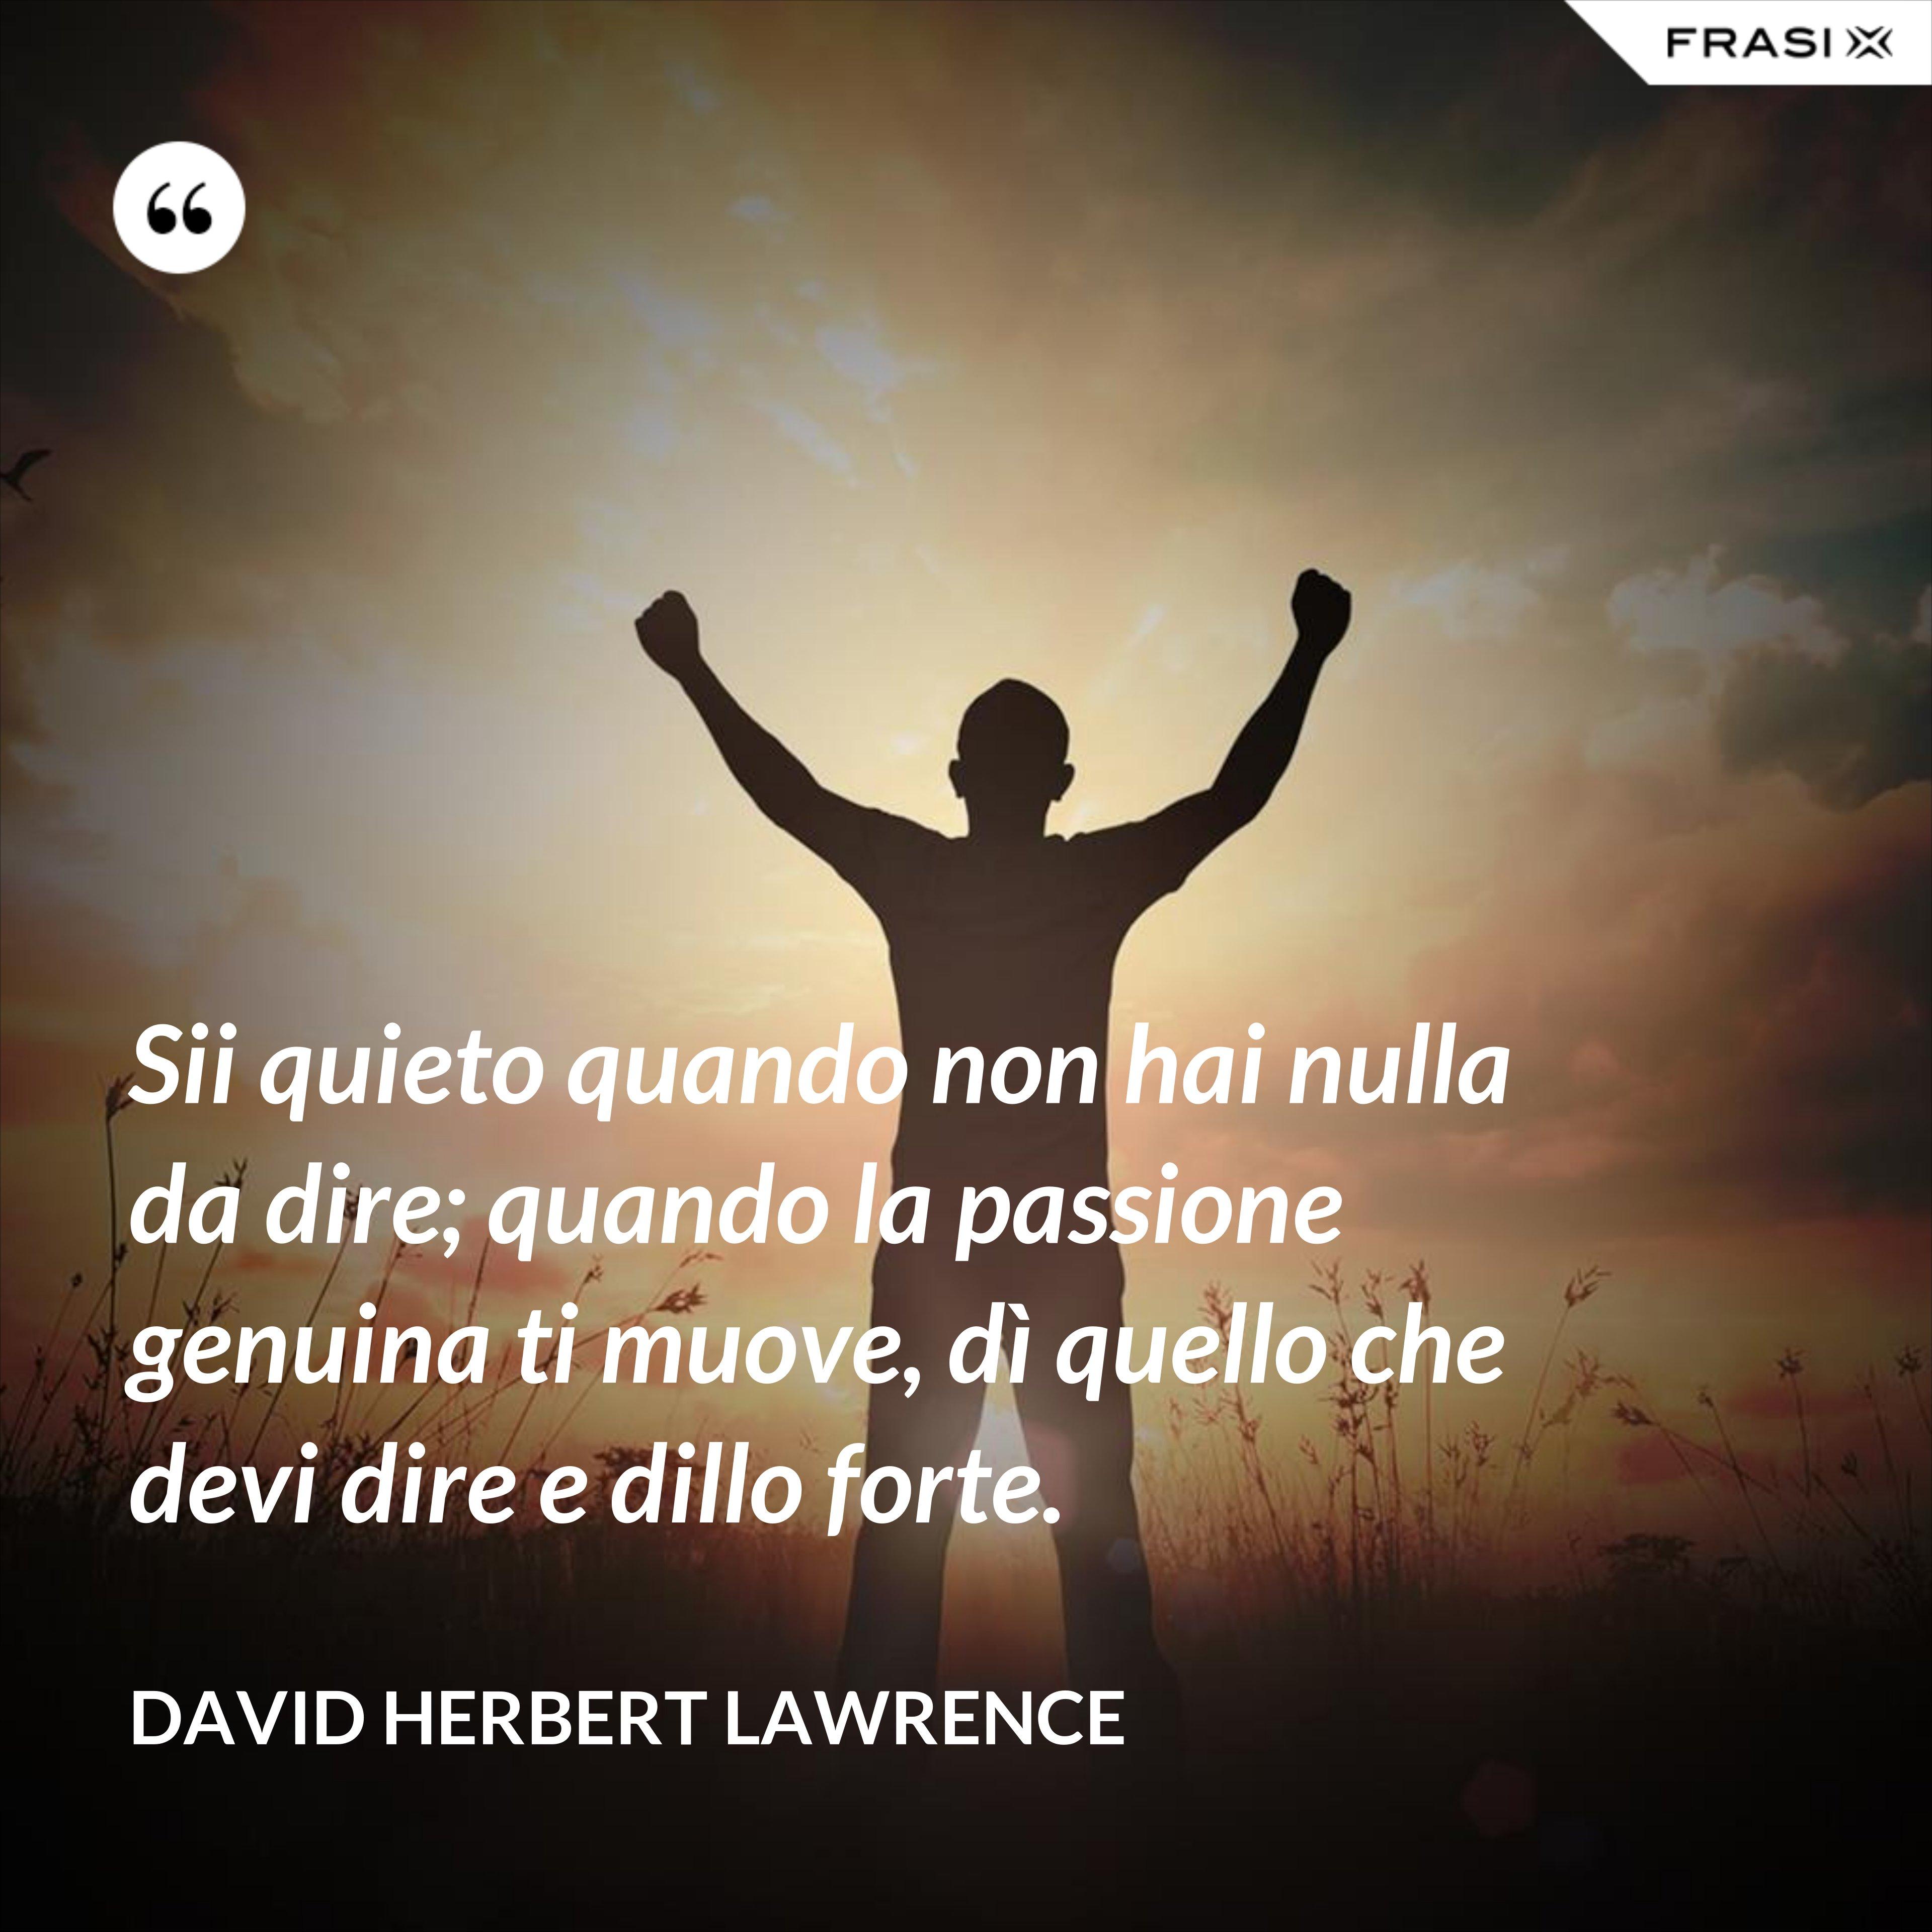 Sii quieto quando non hai nulla da dire; quando la passione genuina ti muove, dì quello che devi dire e dillo forte. - David Herbert Lawrence